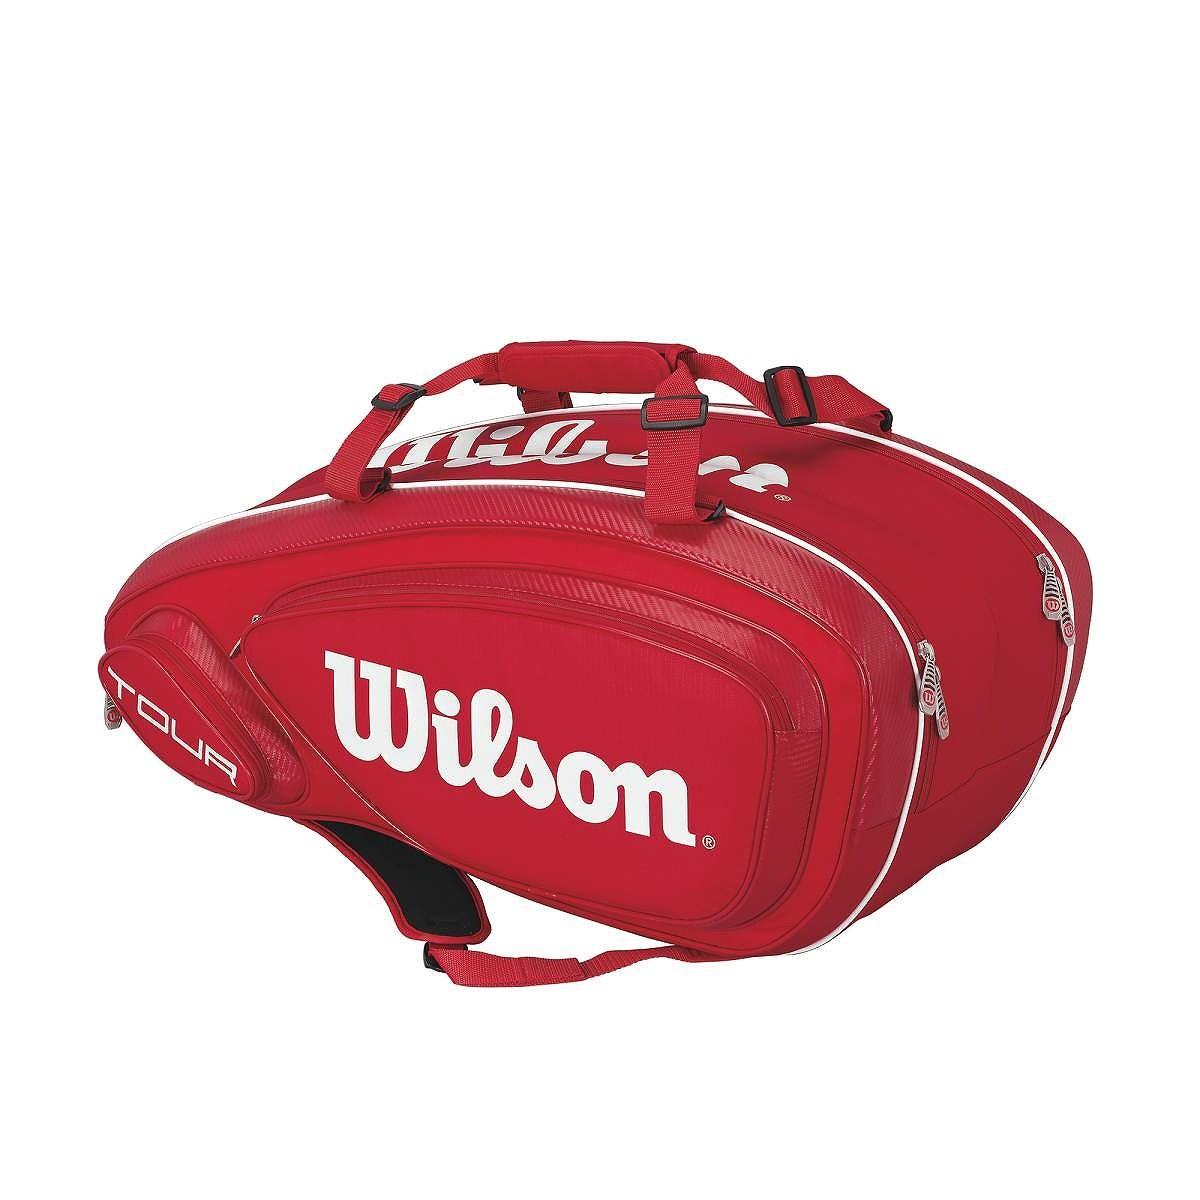 Torba tenisowa Wilson Tour V Red 9 Pack Bag